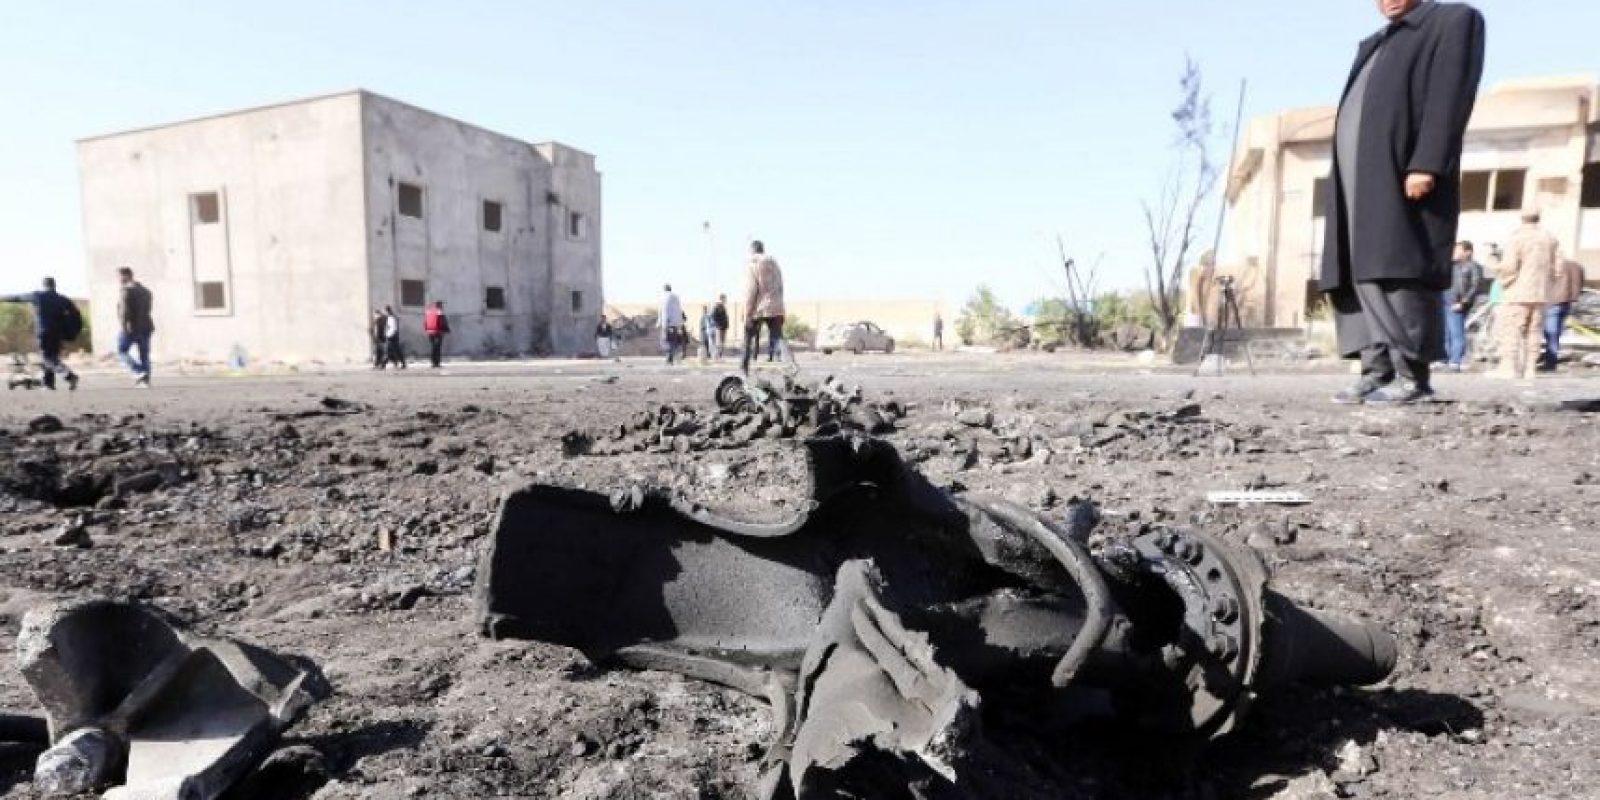 Un autobús bomba explotó cerca de una escuela policial en Libia Foto:AFP